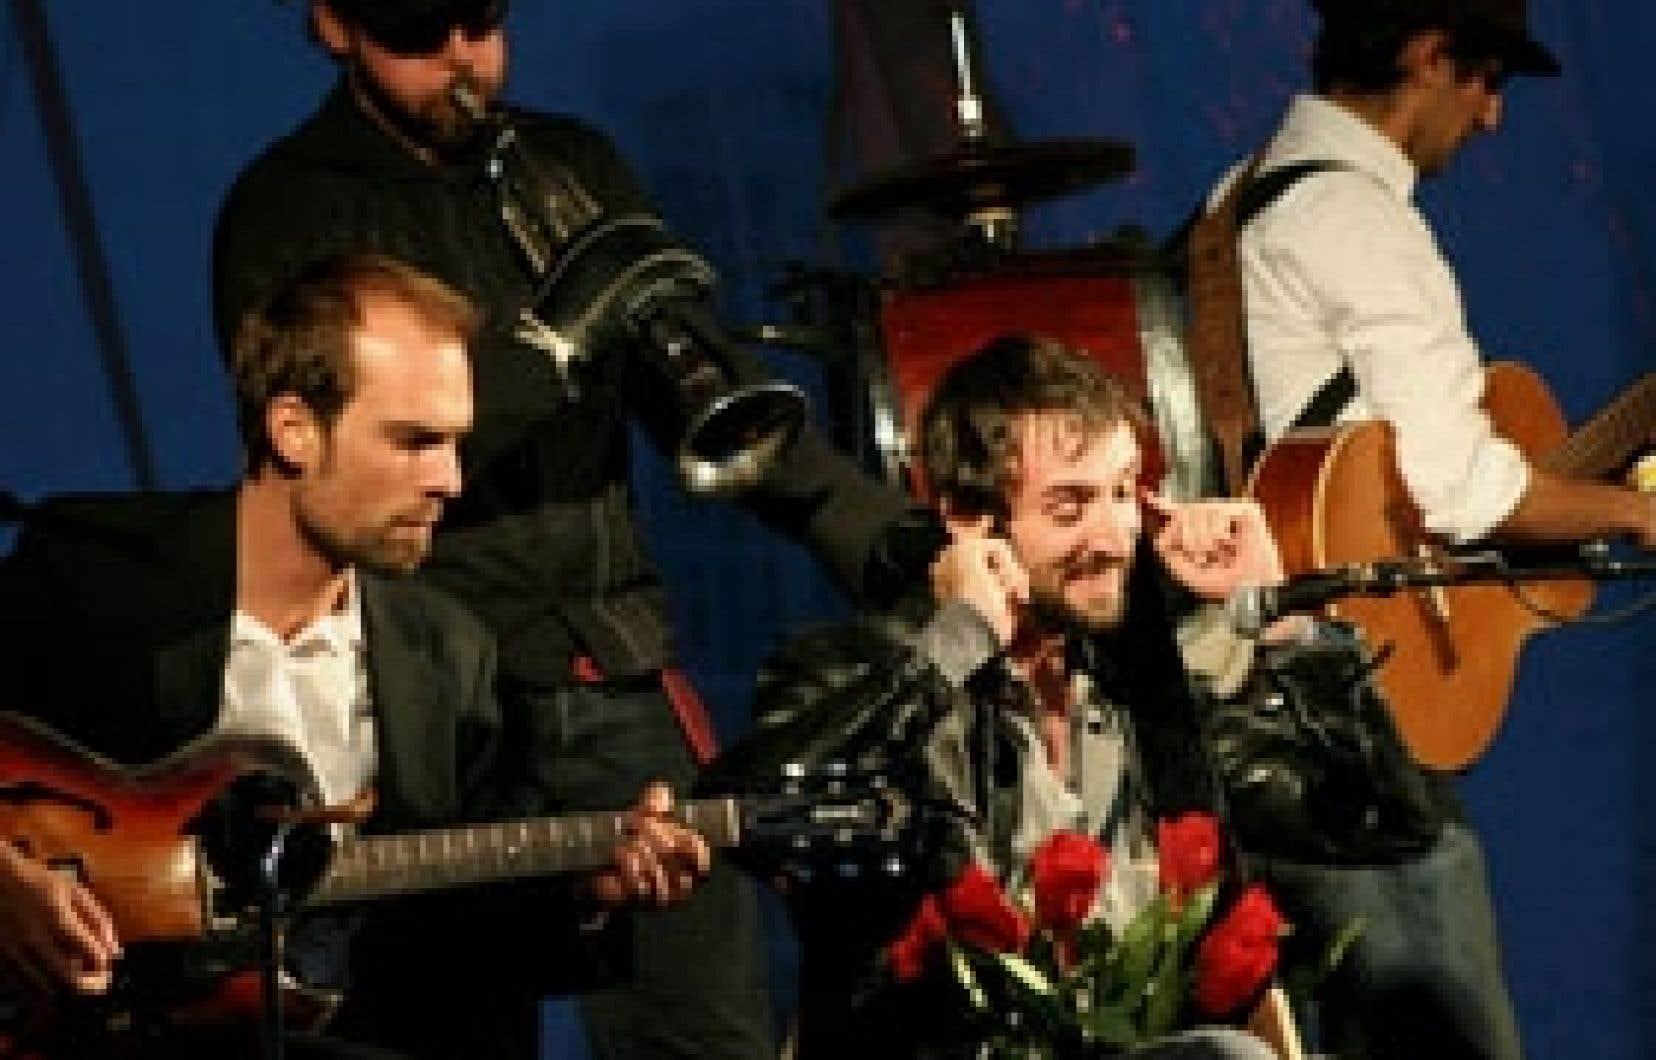 Bruno Bouchard, Simon Drouin, Simon Elmaleh et Jasmin Cloutier jouent à Tom Waits, en imitant le grain de sa voix ou en jouant, comme lui, à créer des instruments. Photo: Sébastien Hudon